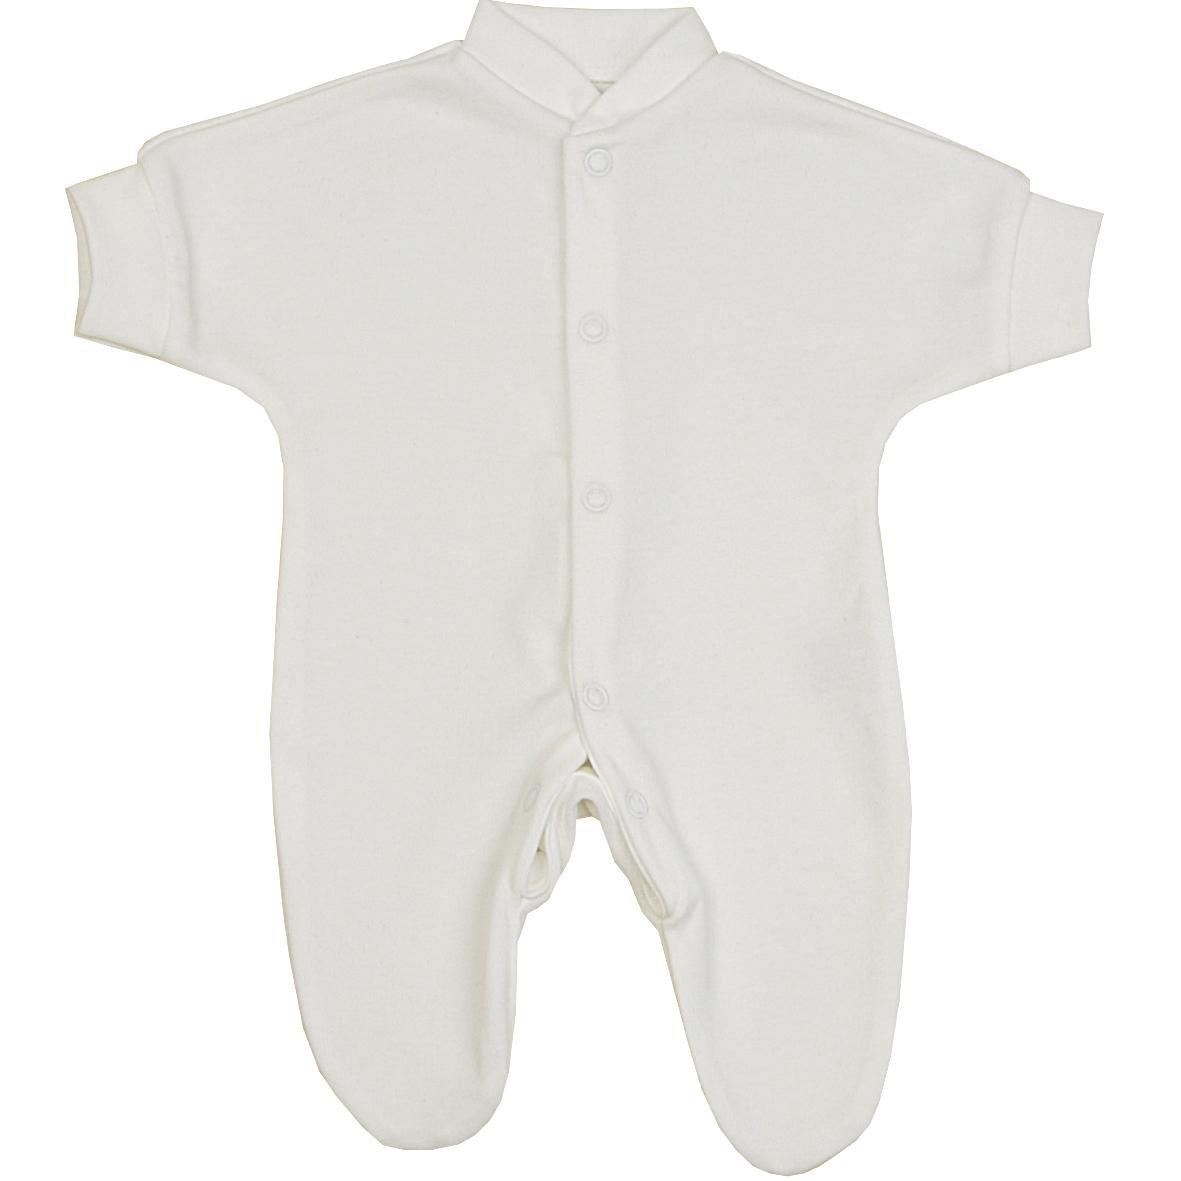 BabyPrem Bebé Prematuro Pijama Mameluco Ropa de Algodón Niñas Niños Unisexo 0-28cm BLANCO: Amazon.es: Ropa y accesorios